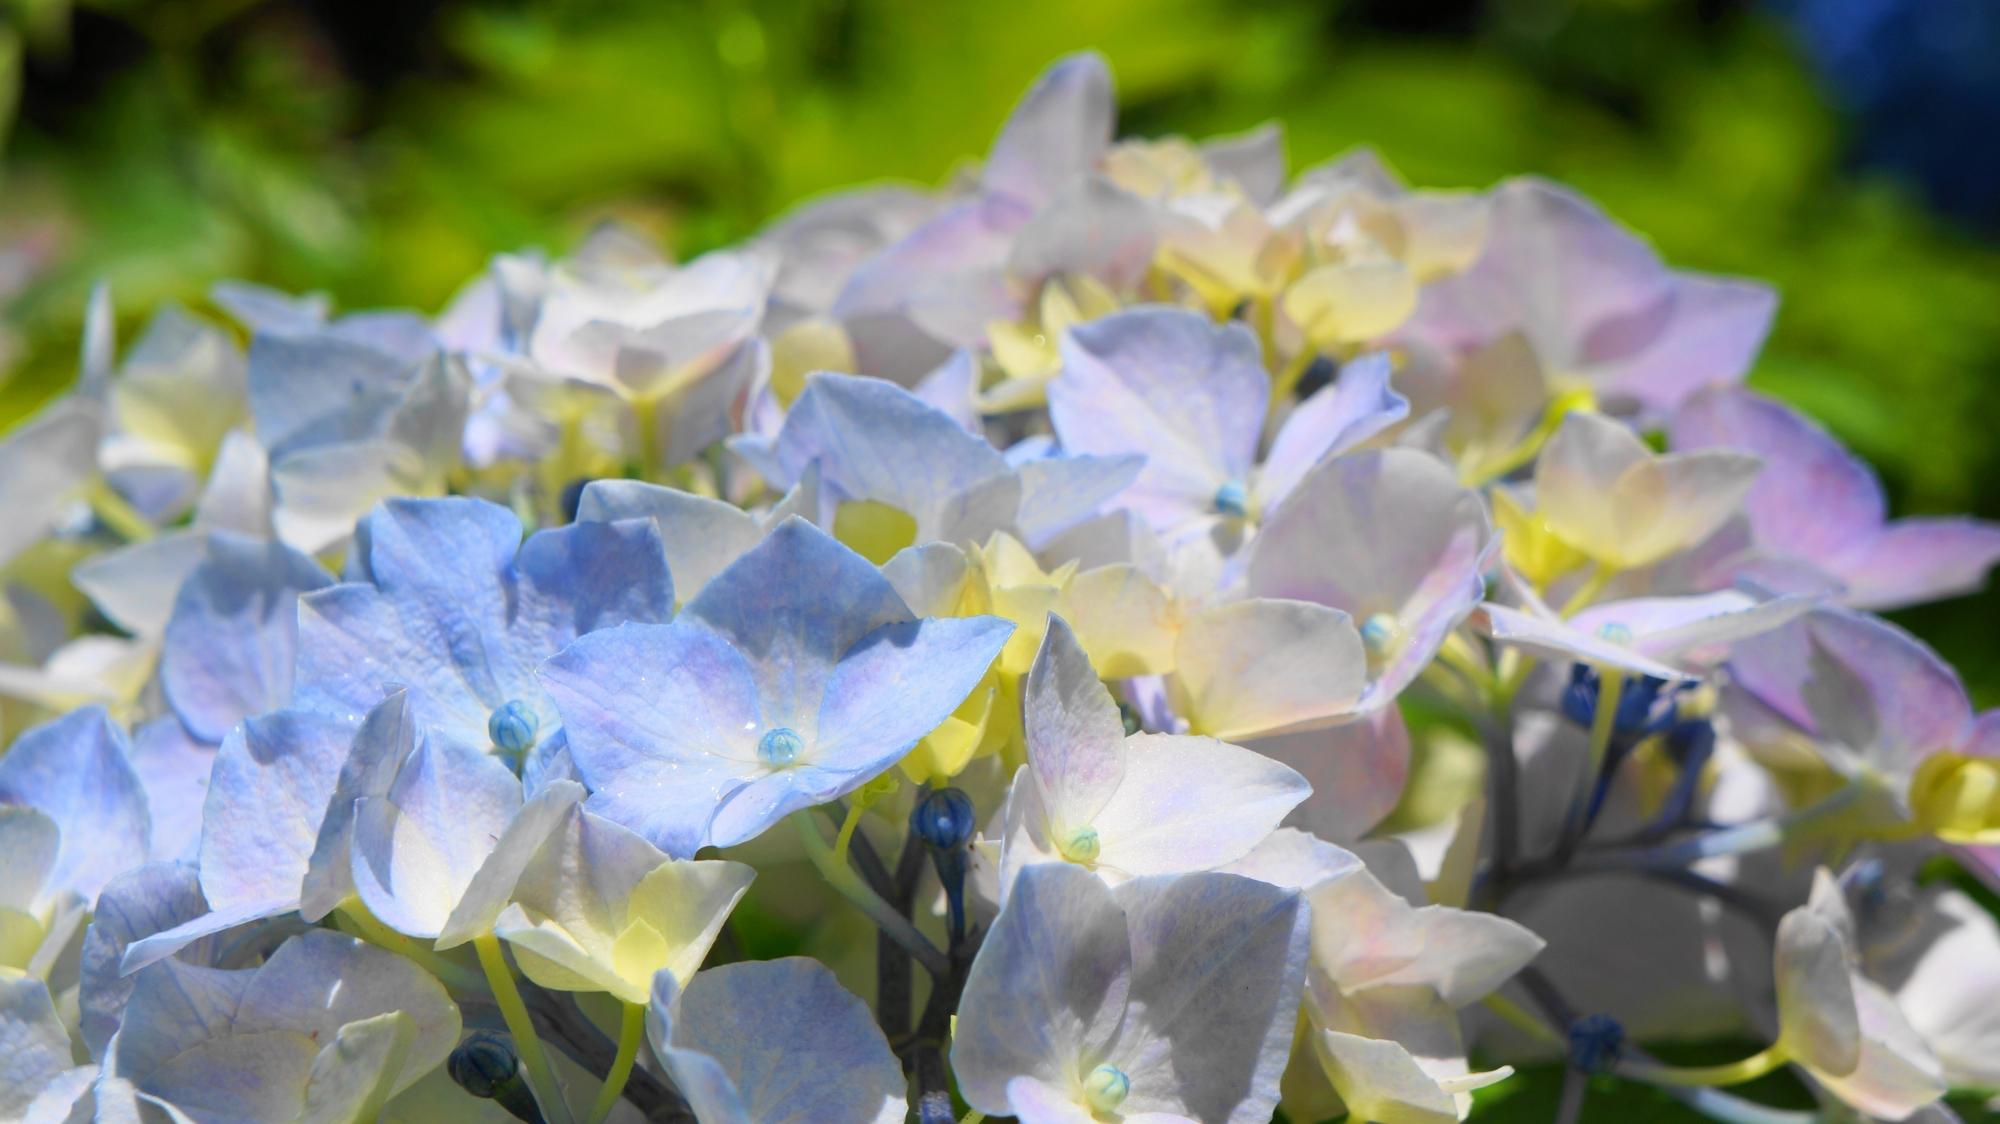 アジサイの可愛いく華やかな花びら